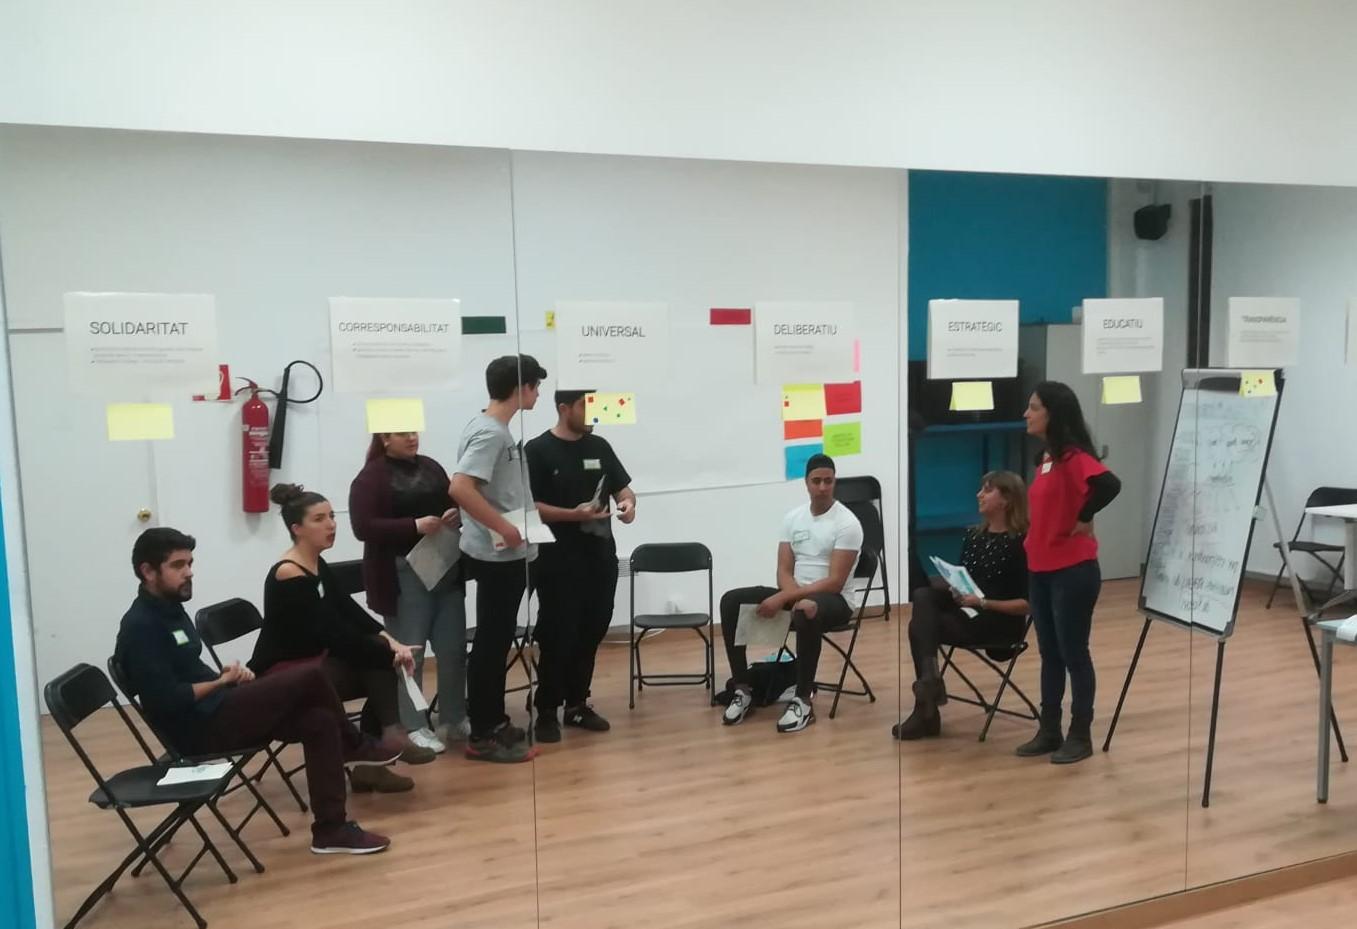 Els joves de Roses es reuniran dissabte per compartir i debatre propostes que presentaran a l'Ajuntament